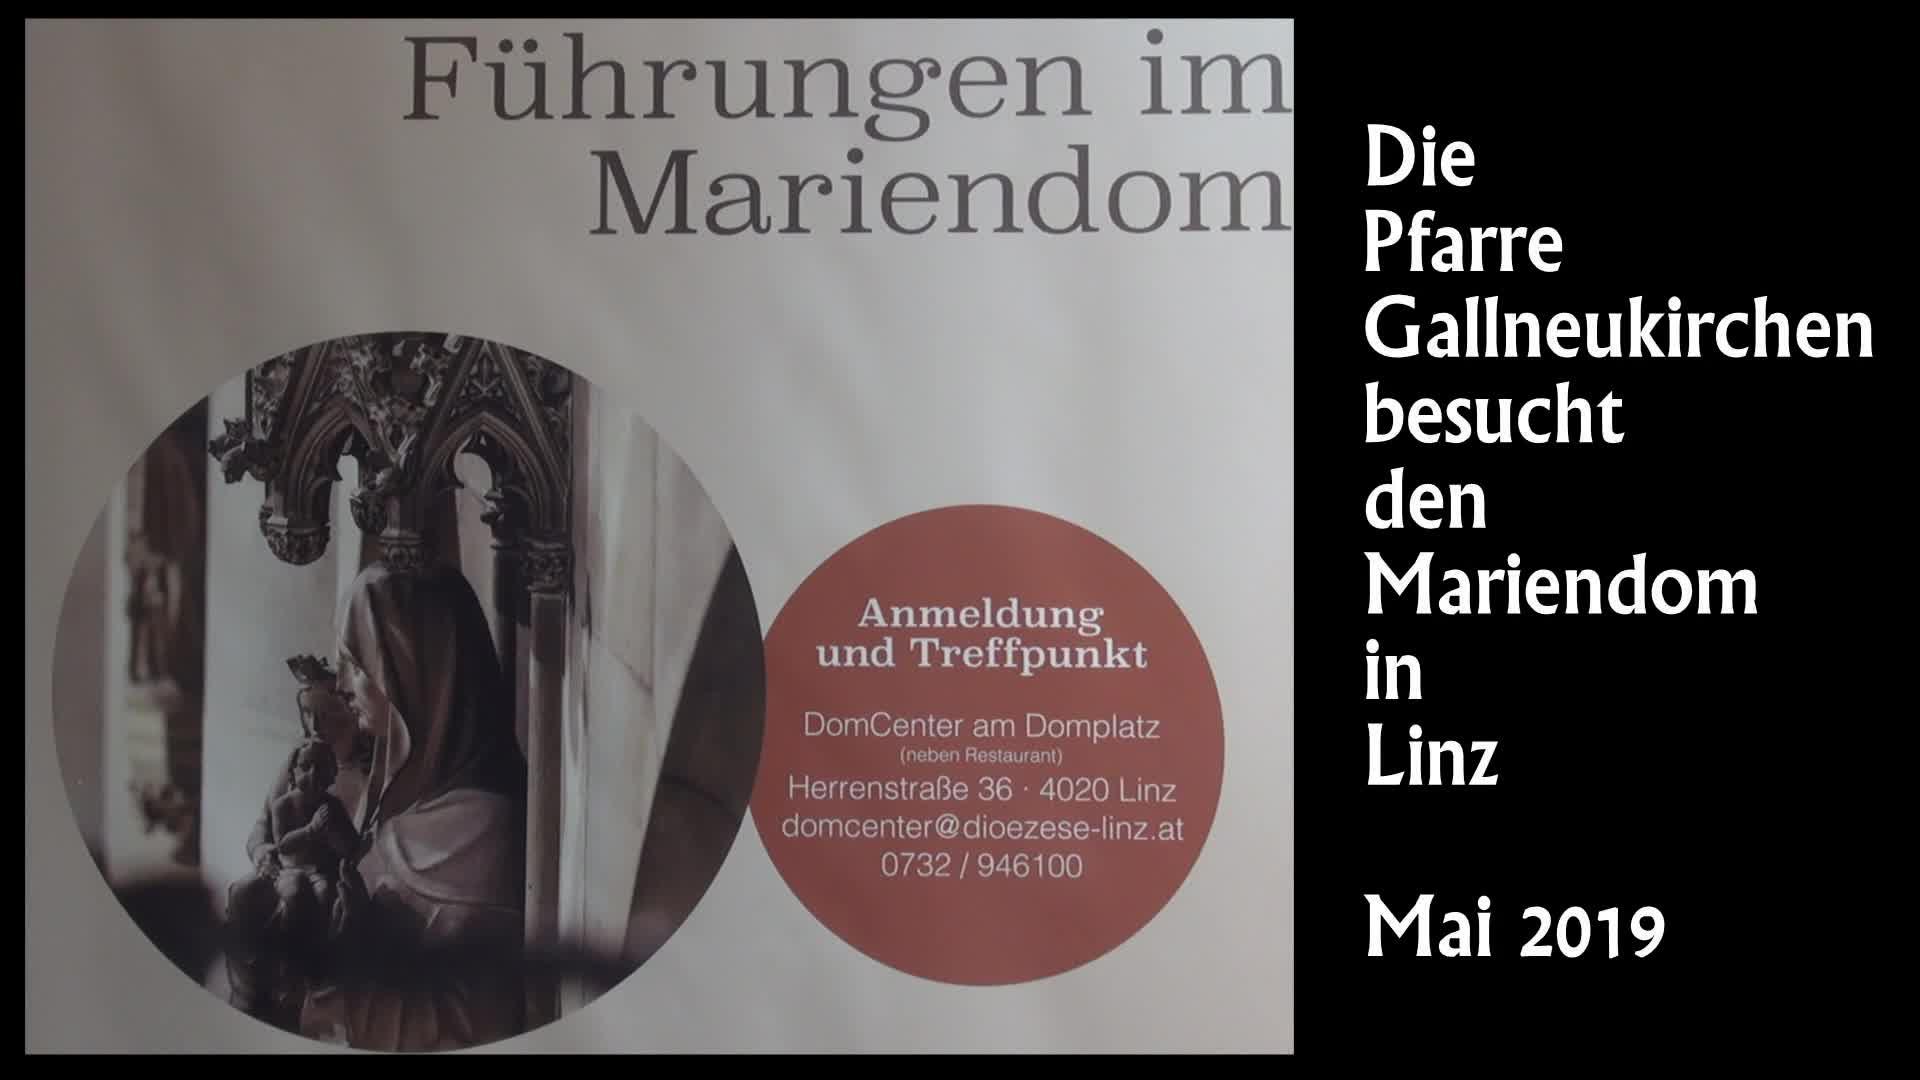 Pfarre Gallneukirchen besucht den Mariendom